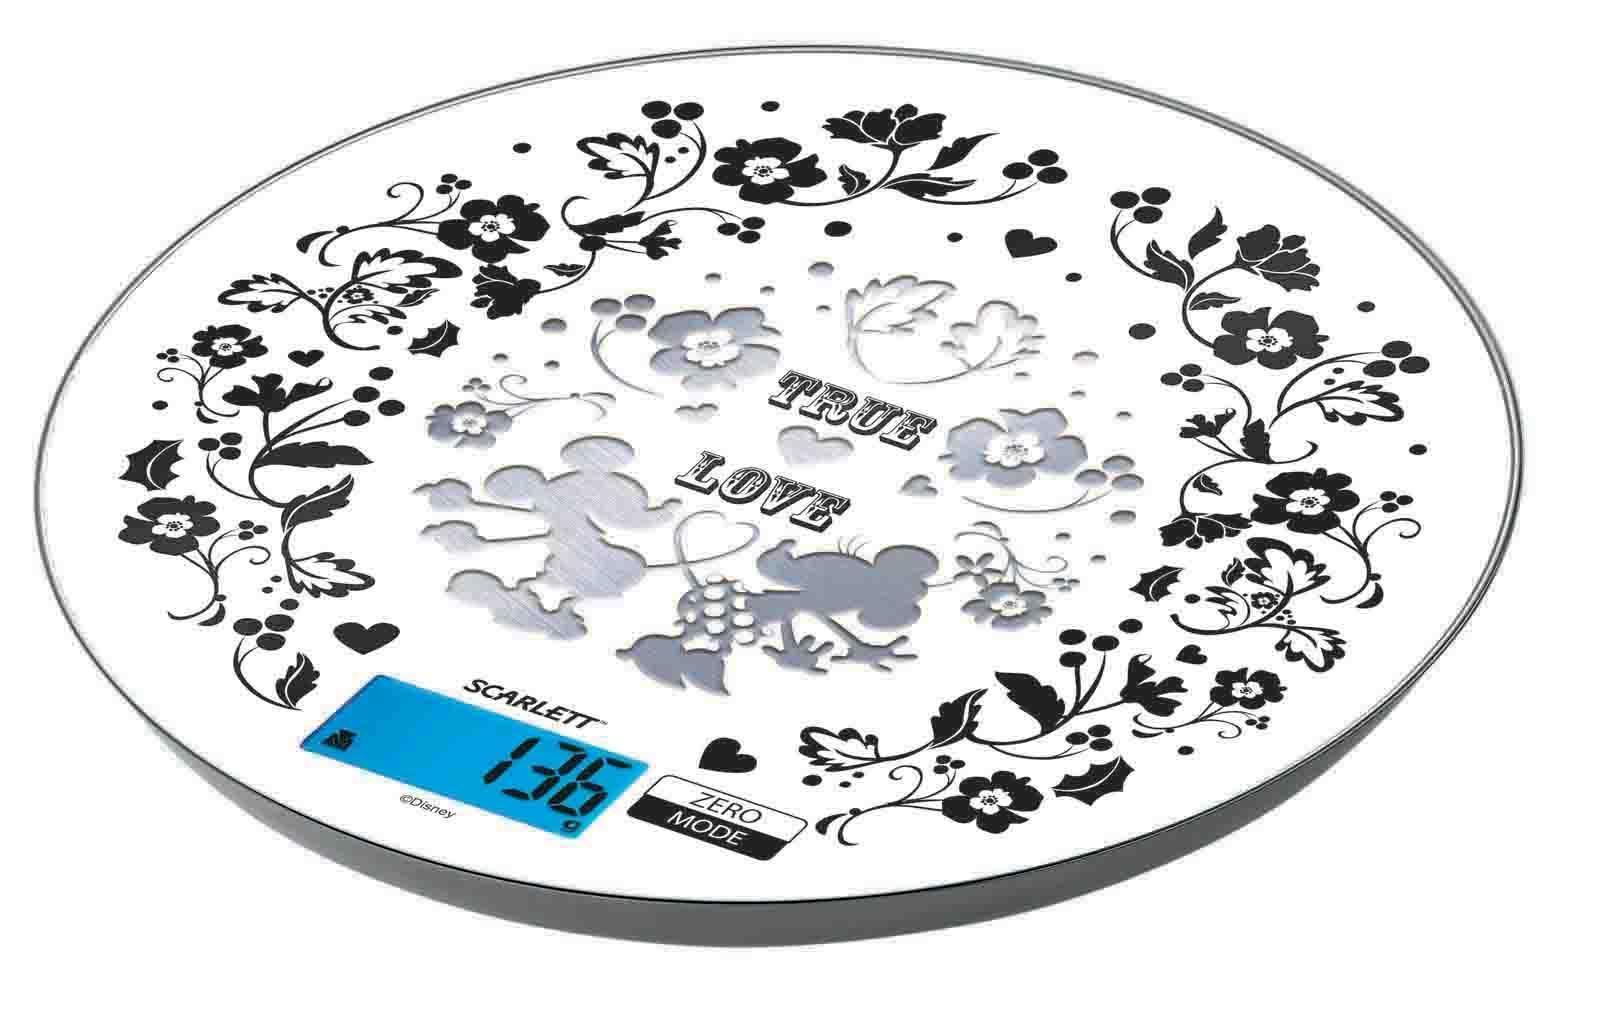 Scarlett SC-KSD57P03 весы кухонныеSC-KSD57P03Scarlett SC-KSD57P03 - это электронные кухонные весы, которые имеют необычное оформление в стиле Disney. На данной модели можно взвешивать до 5 кг различных продуктов. Шаг измерения - 1 грамм. Элегантный, современный дизайн прибора отлично дополнит современную кухню, не заняв при этом много места.